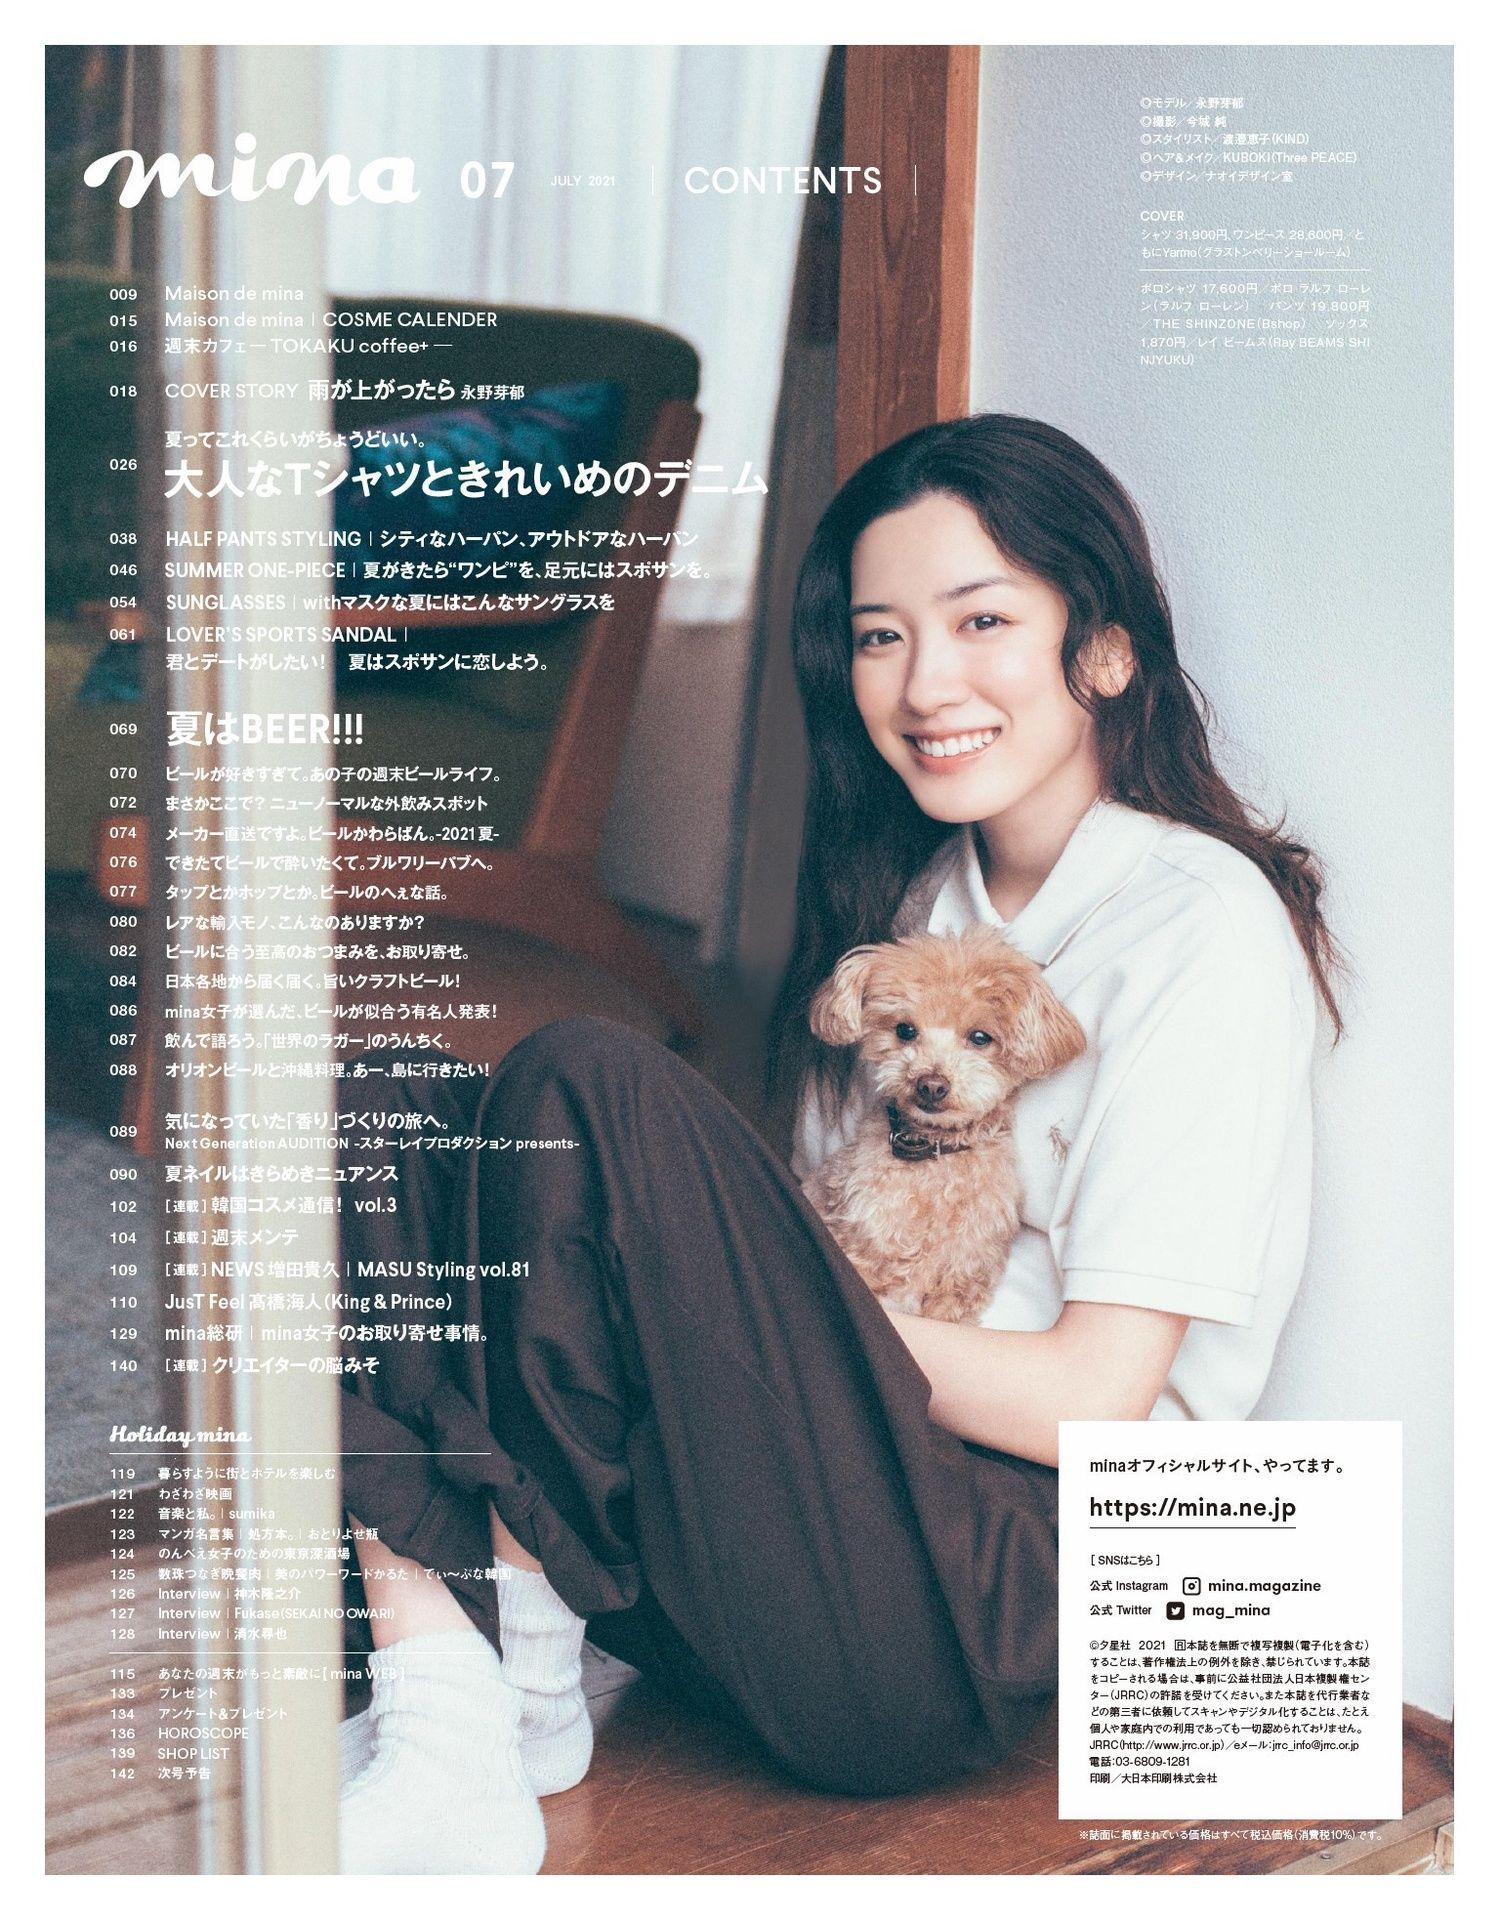 喵喵女喵妹子写真专辑(第3辑)